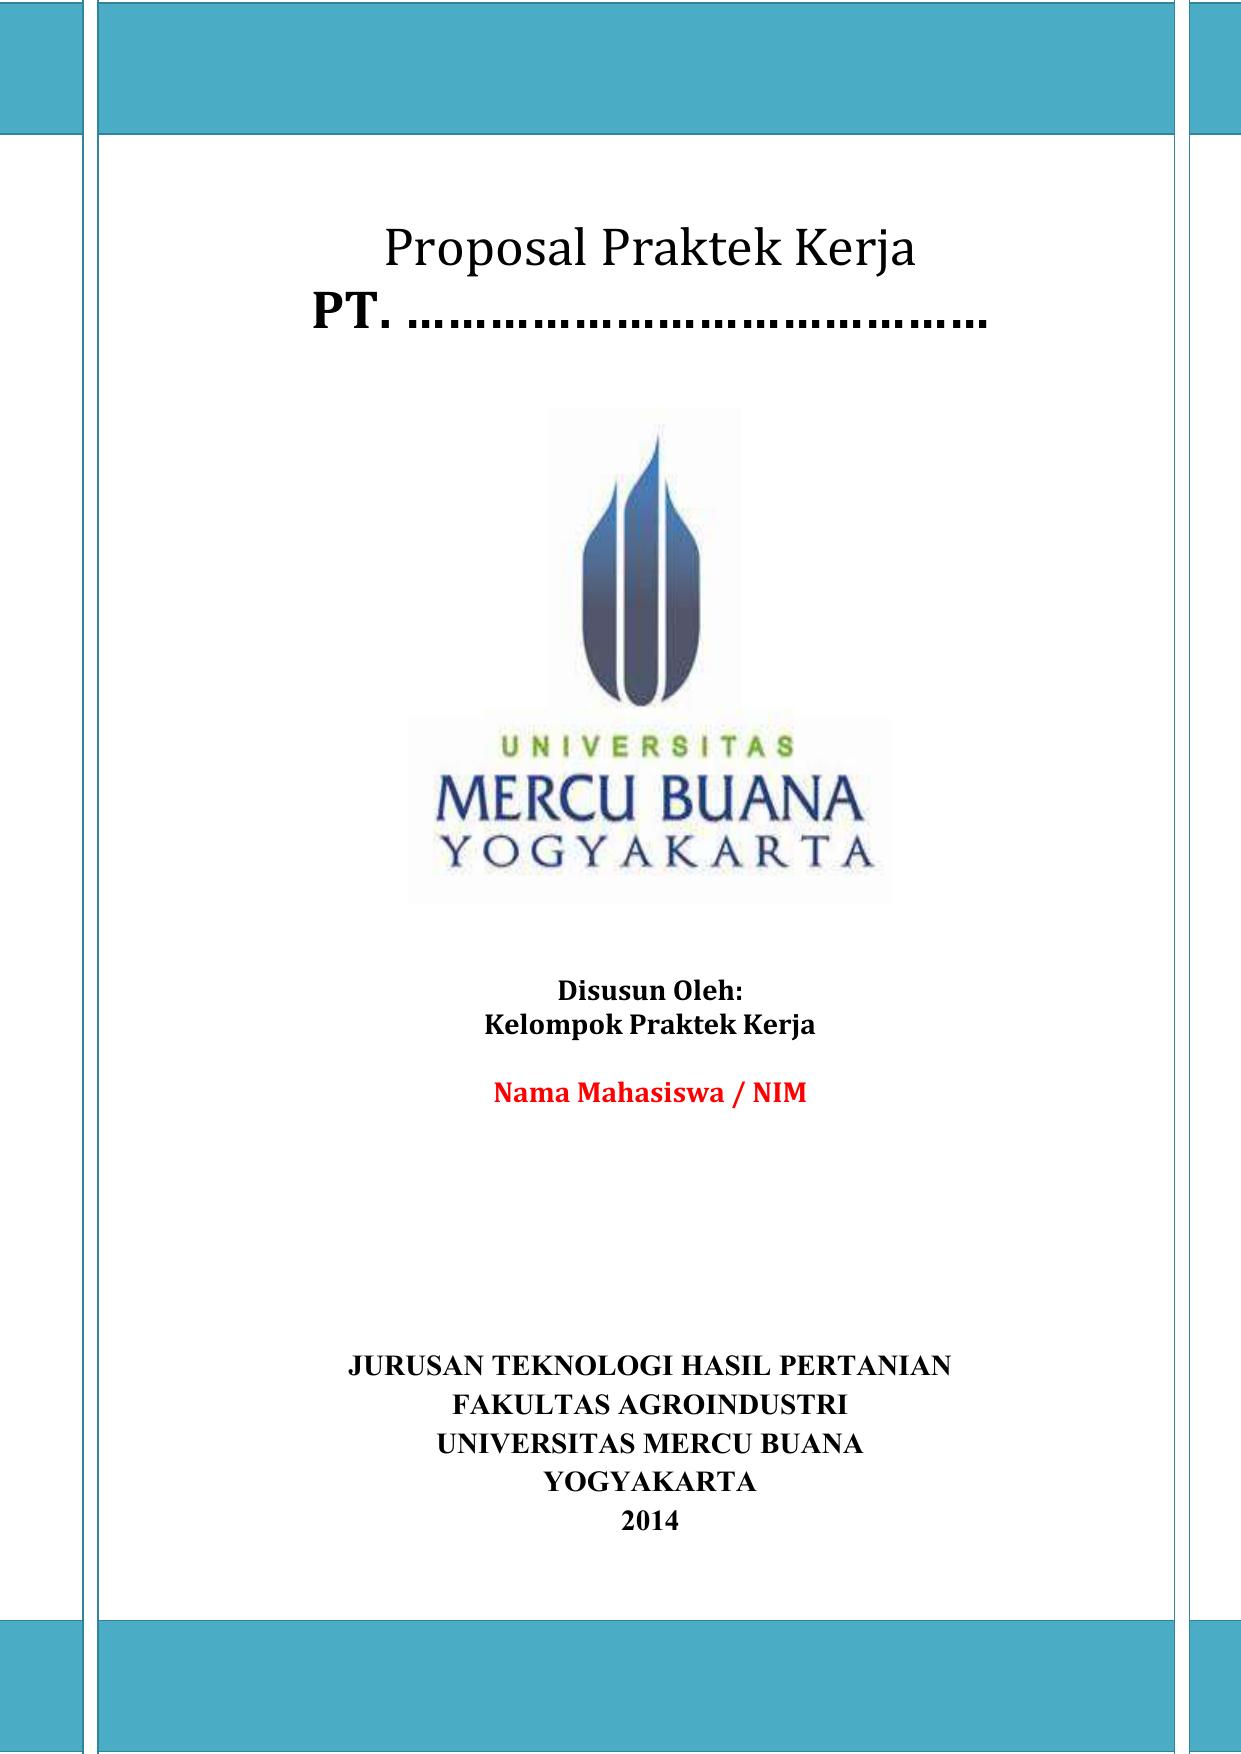 Proposal Praktek Kerja Universitas Mercu Buana Yogyakarta